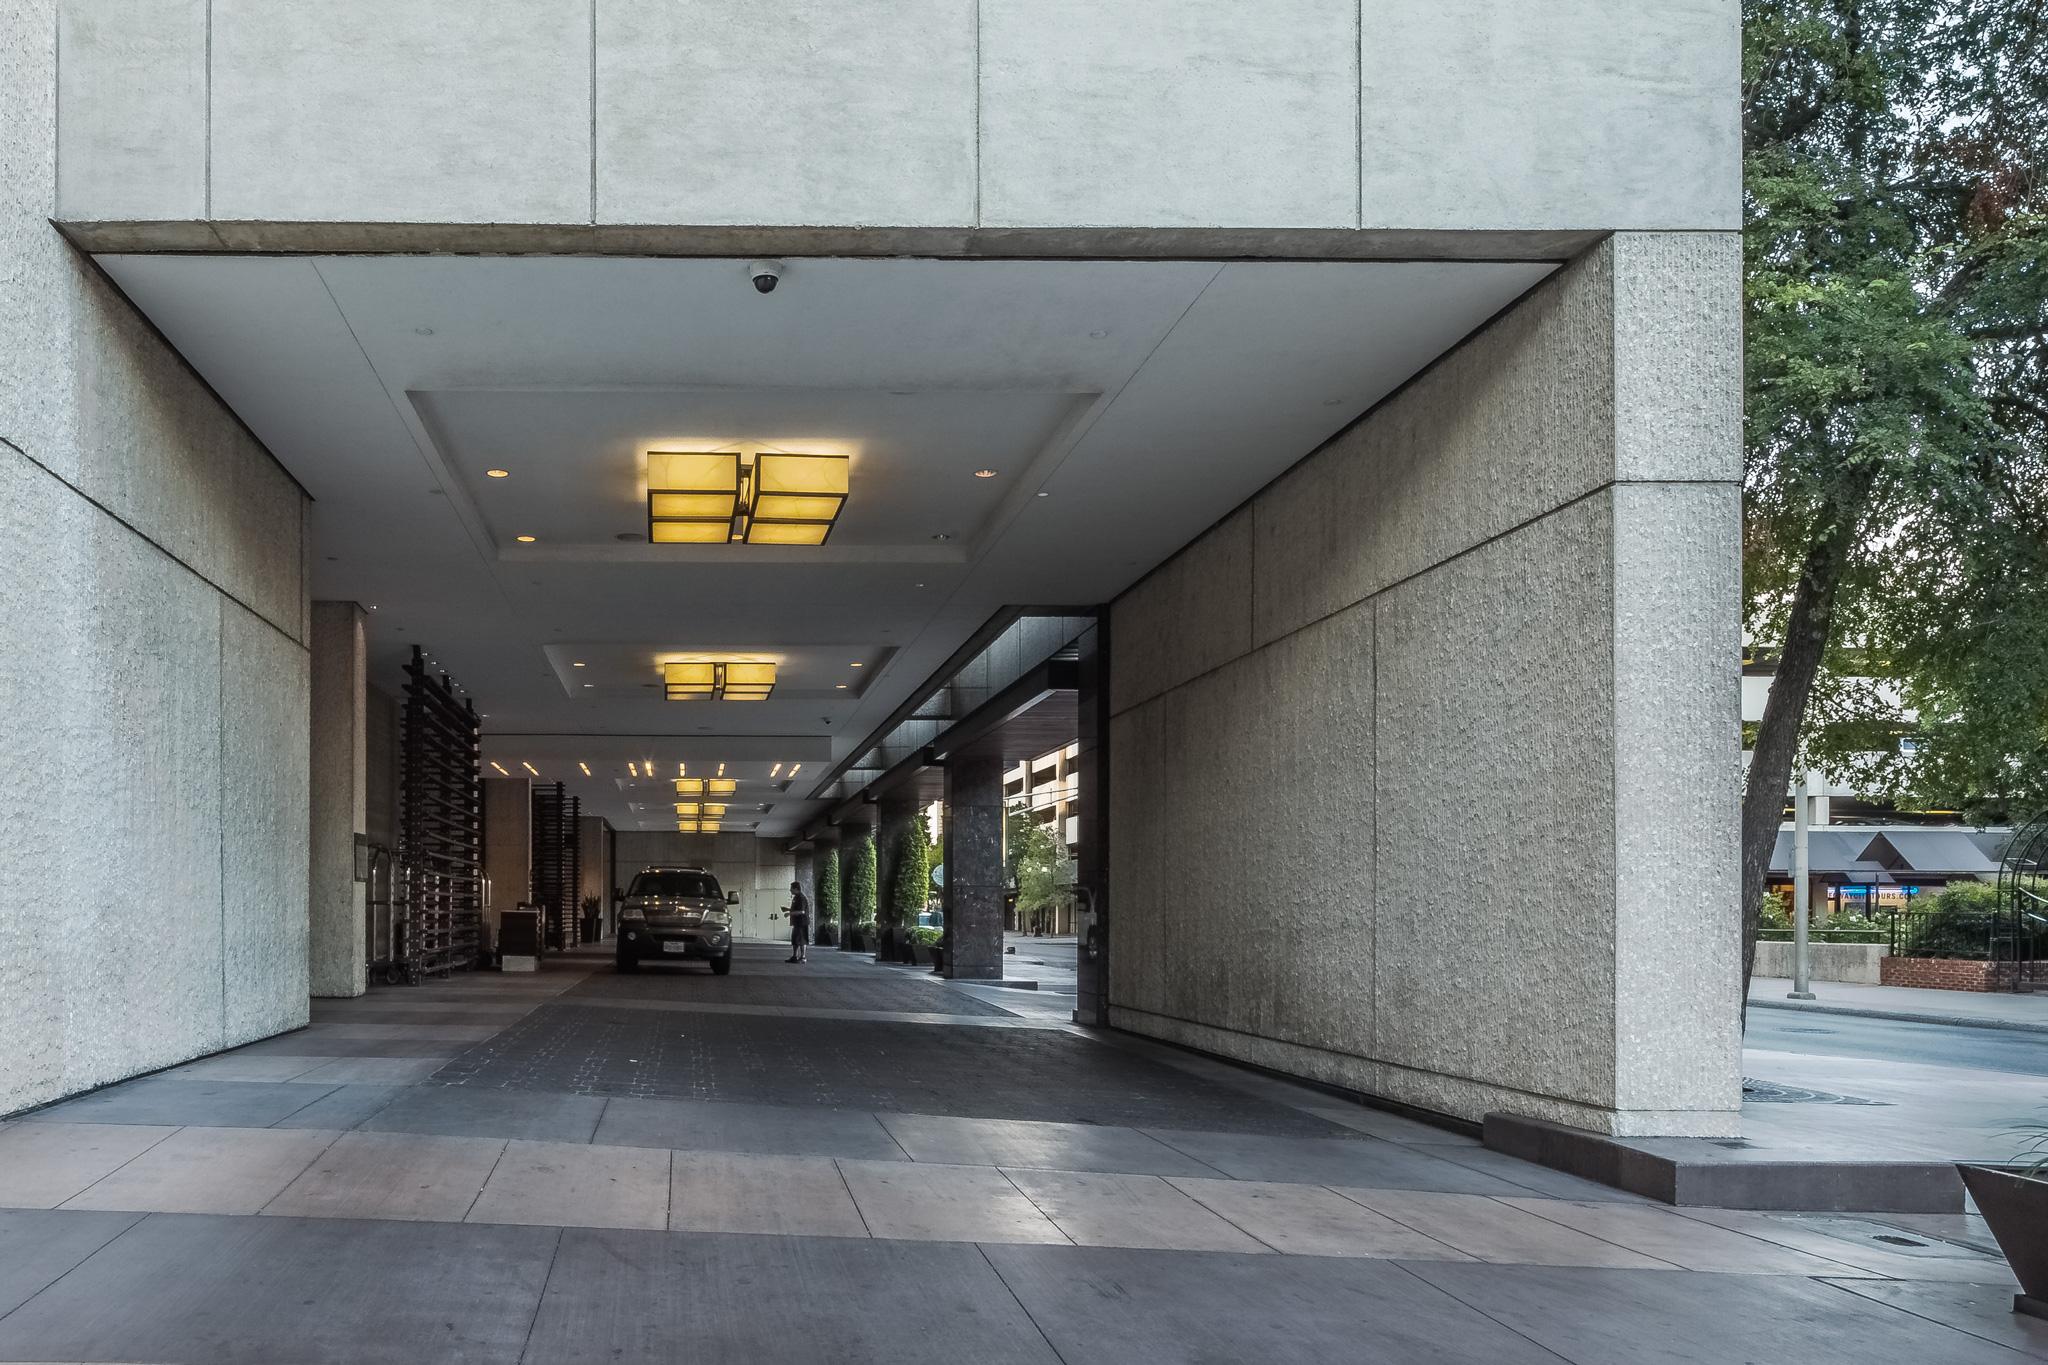 Hyatt Regency hotel entry